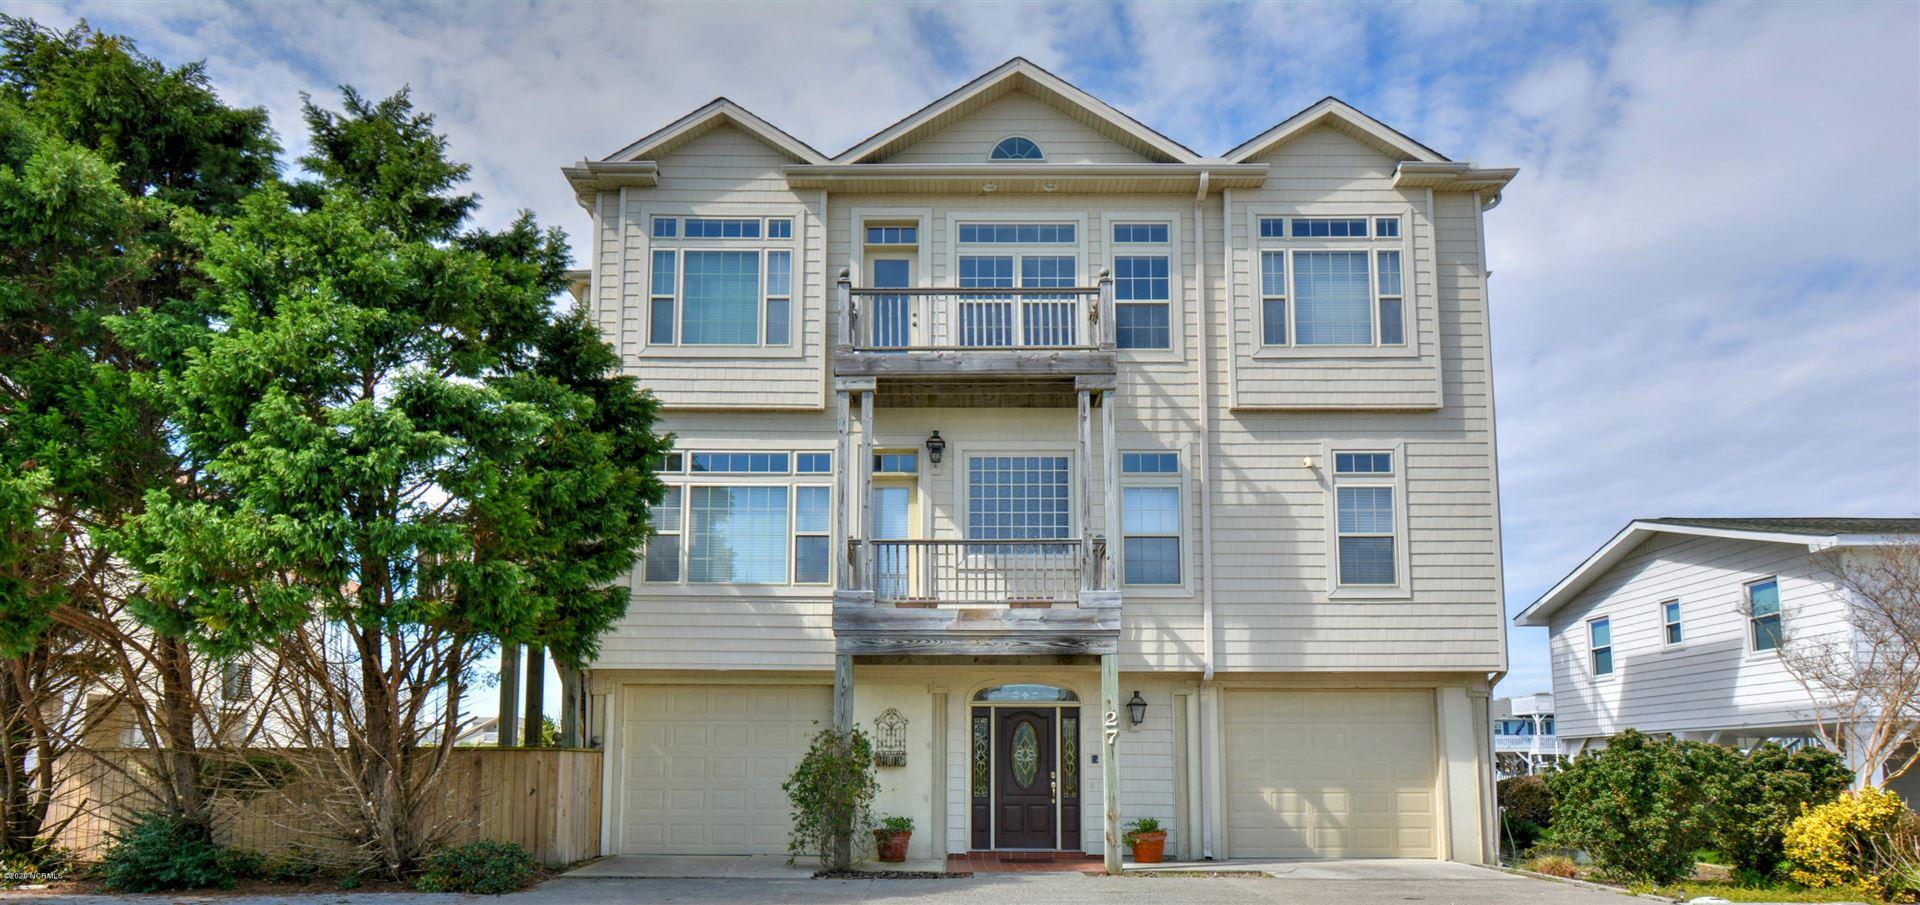 27 Fairmont Street, Ocean Isle Beach, NC 28469 - MLS#: 100209482